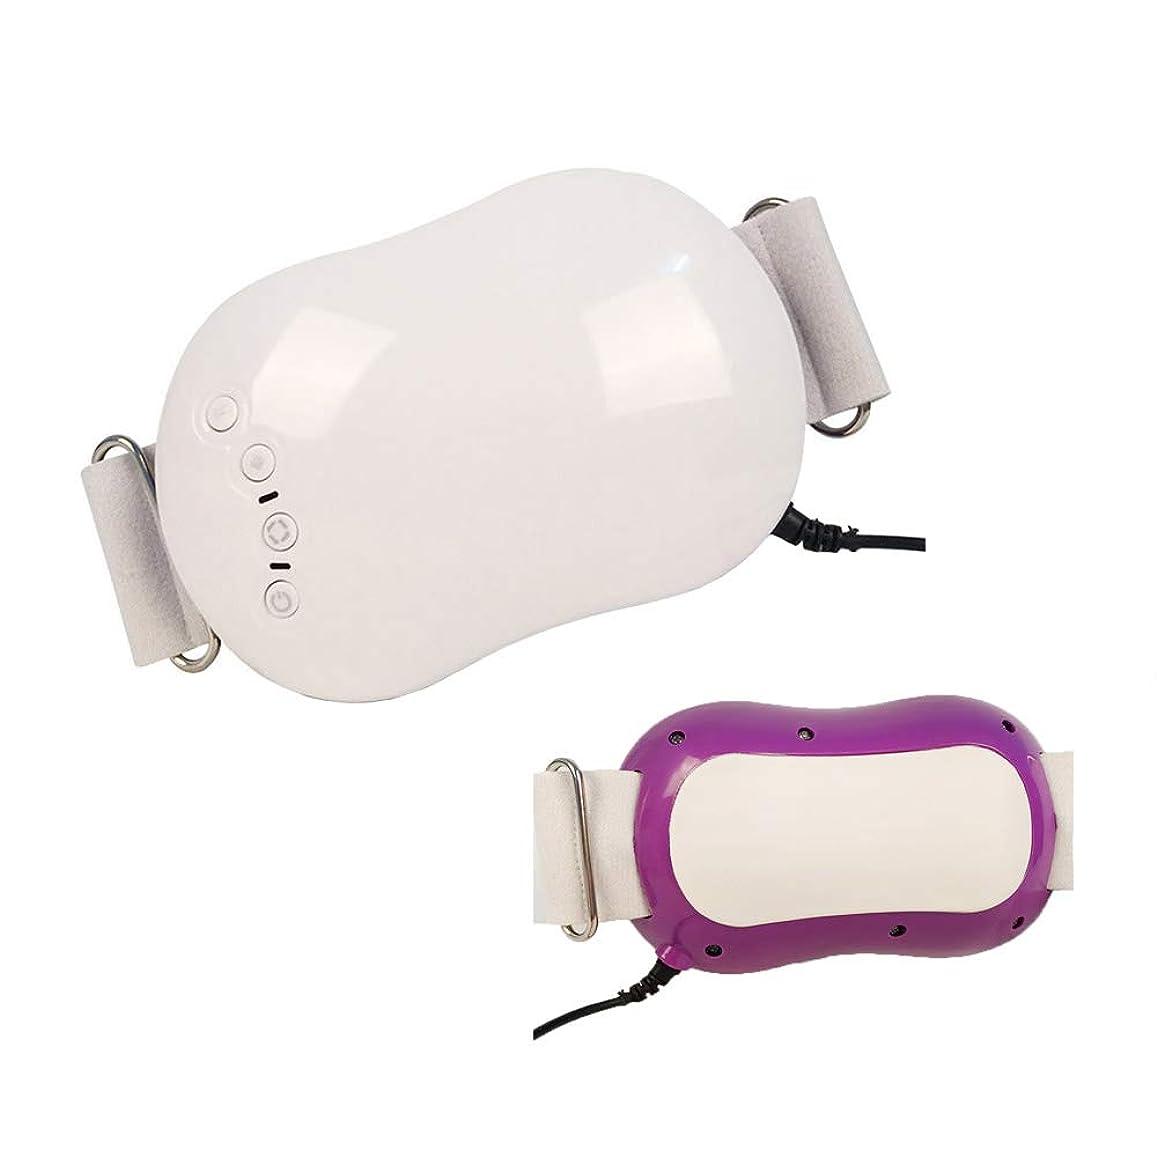 何十億マニフェストウエストマッサージベルト、ボディ痩身マッサージャー電気バイブレーター体脂肪バーナー腹脂肪燃焼マッサージデバイス,Purple